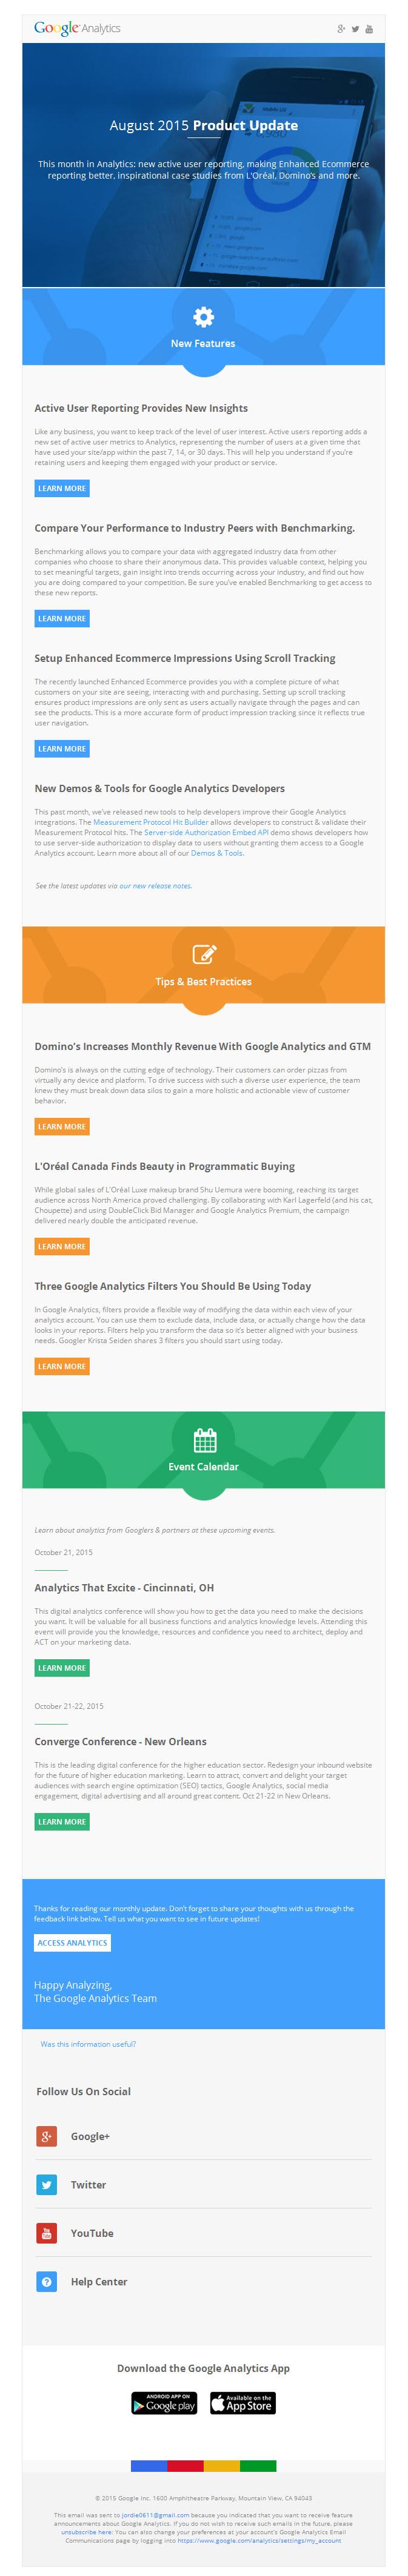 Google analytics – product update